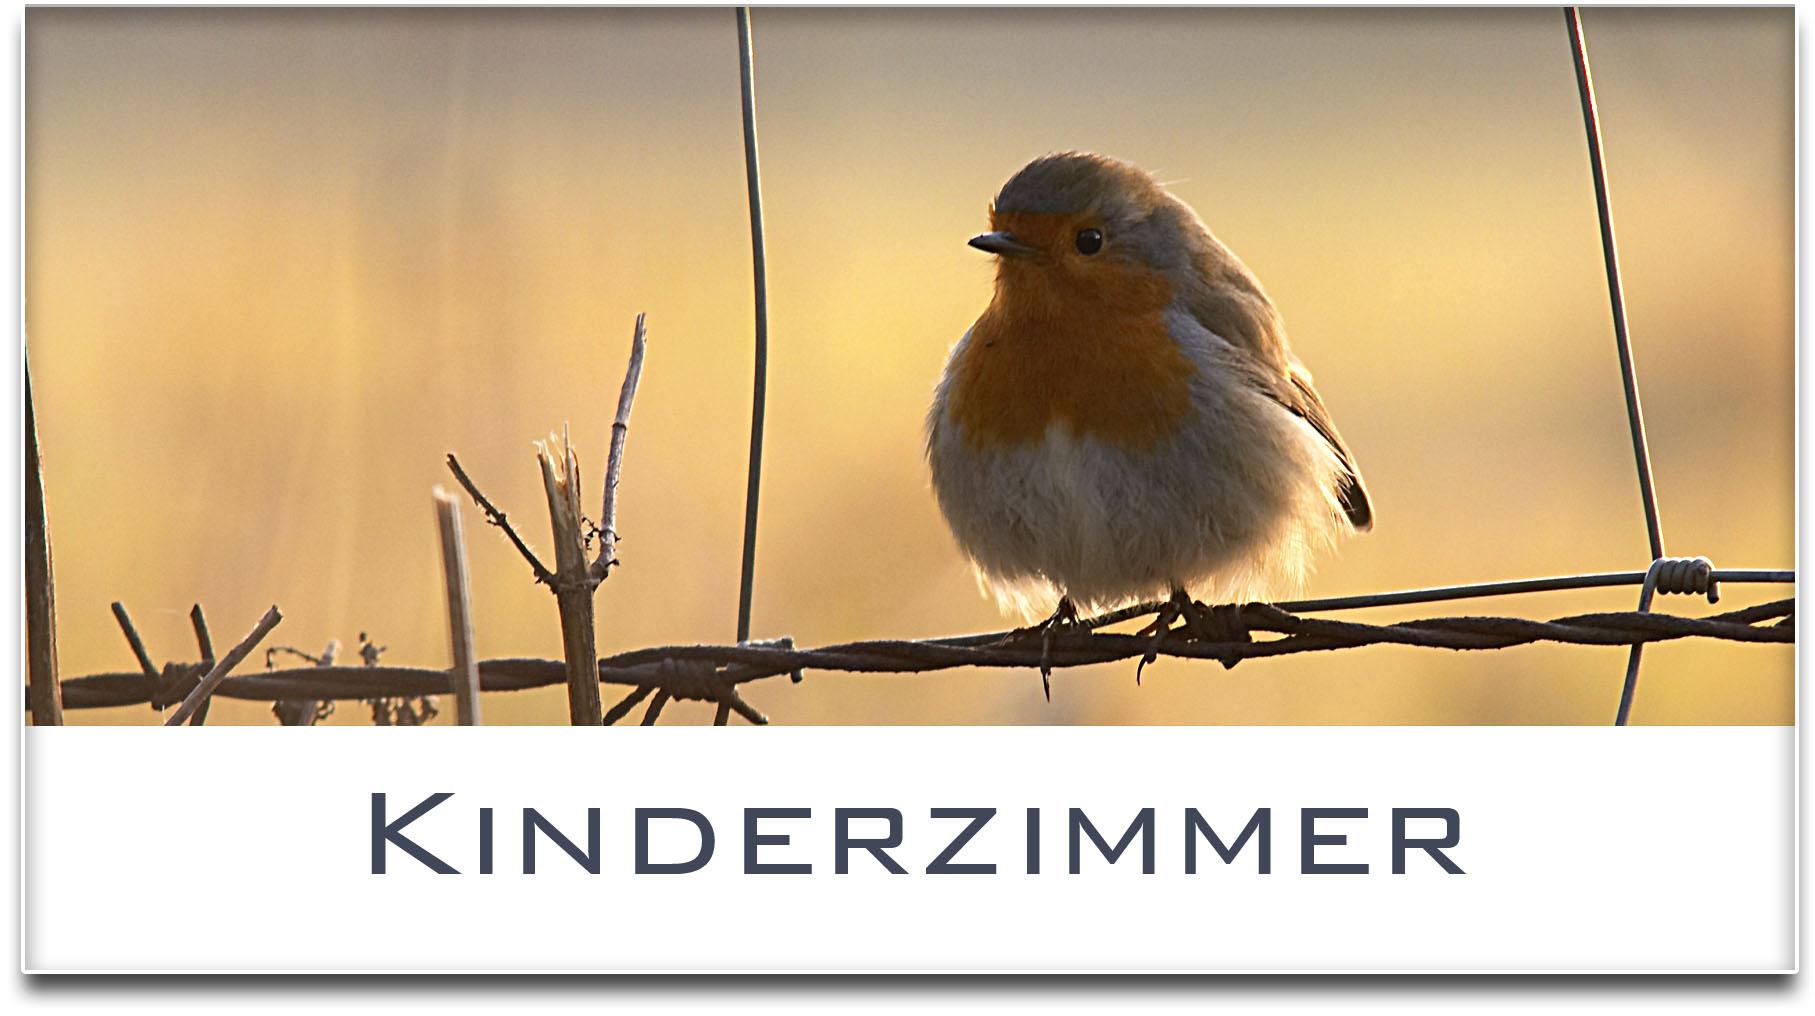 Türschild / Haustürschild / Rotkehlchen / Kinderzimmer / Selbstklebend